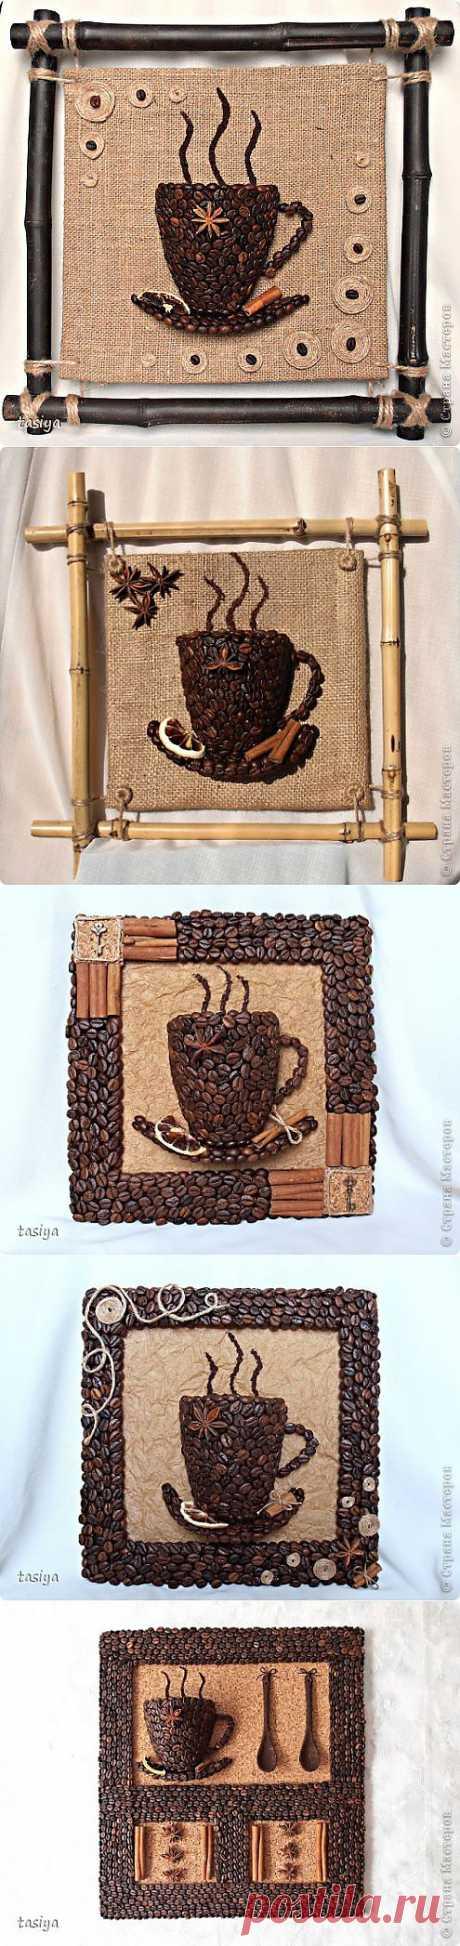 Мастер-класс: Кофейная чашка.